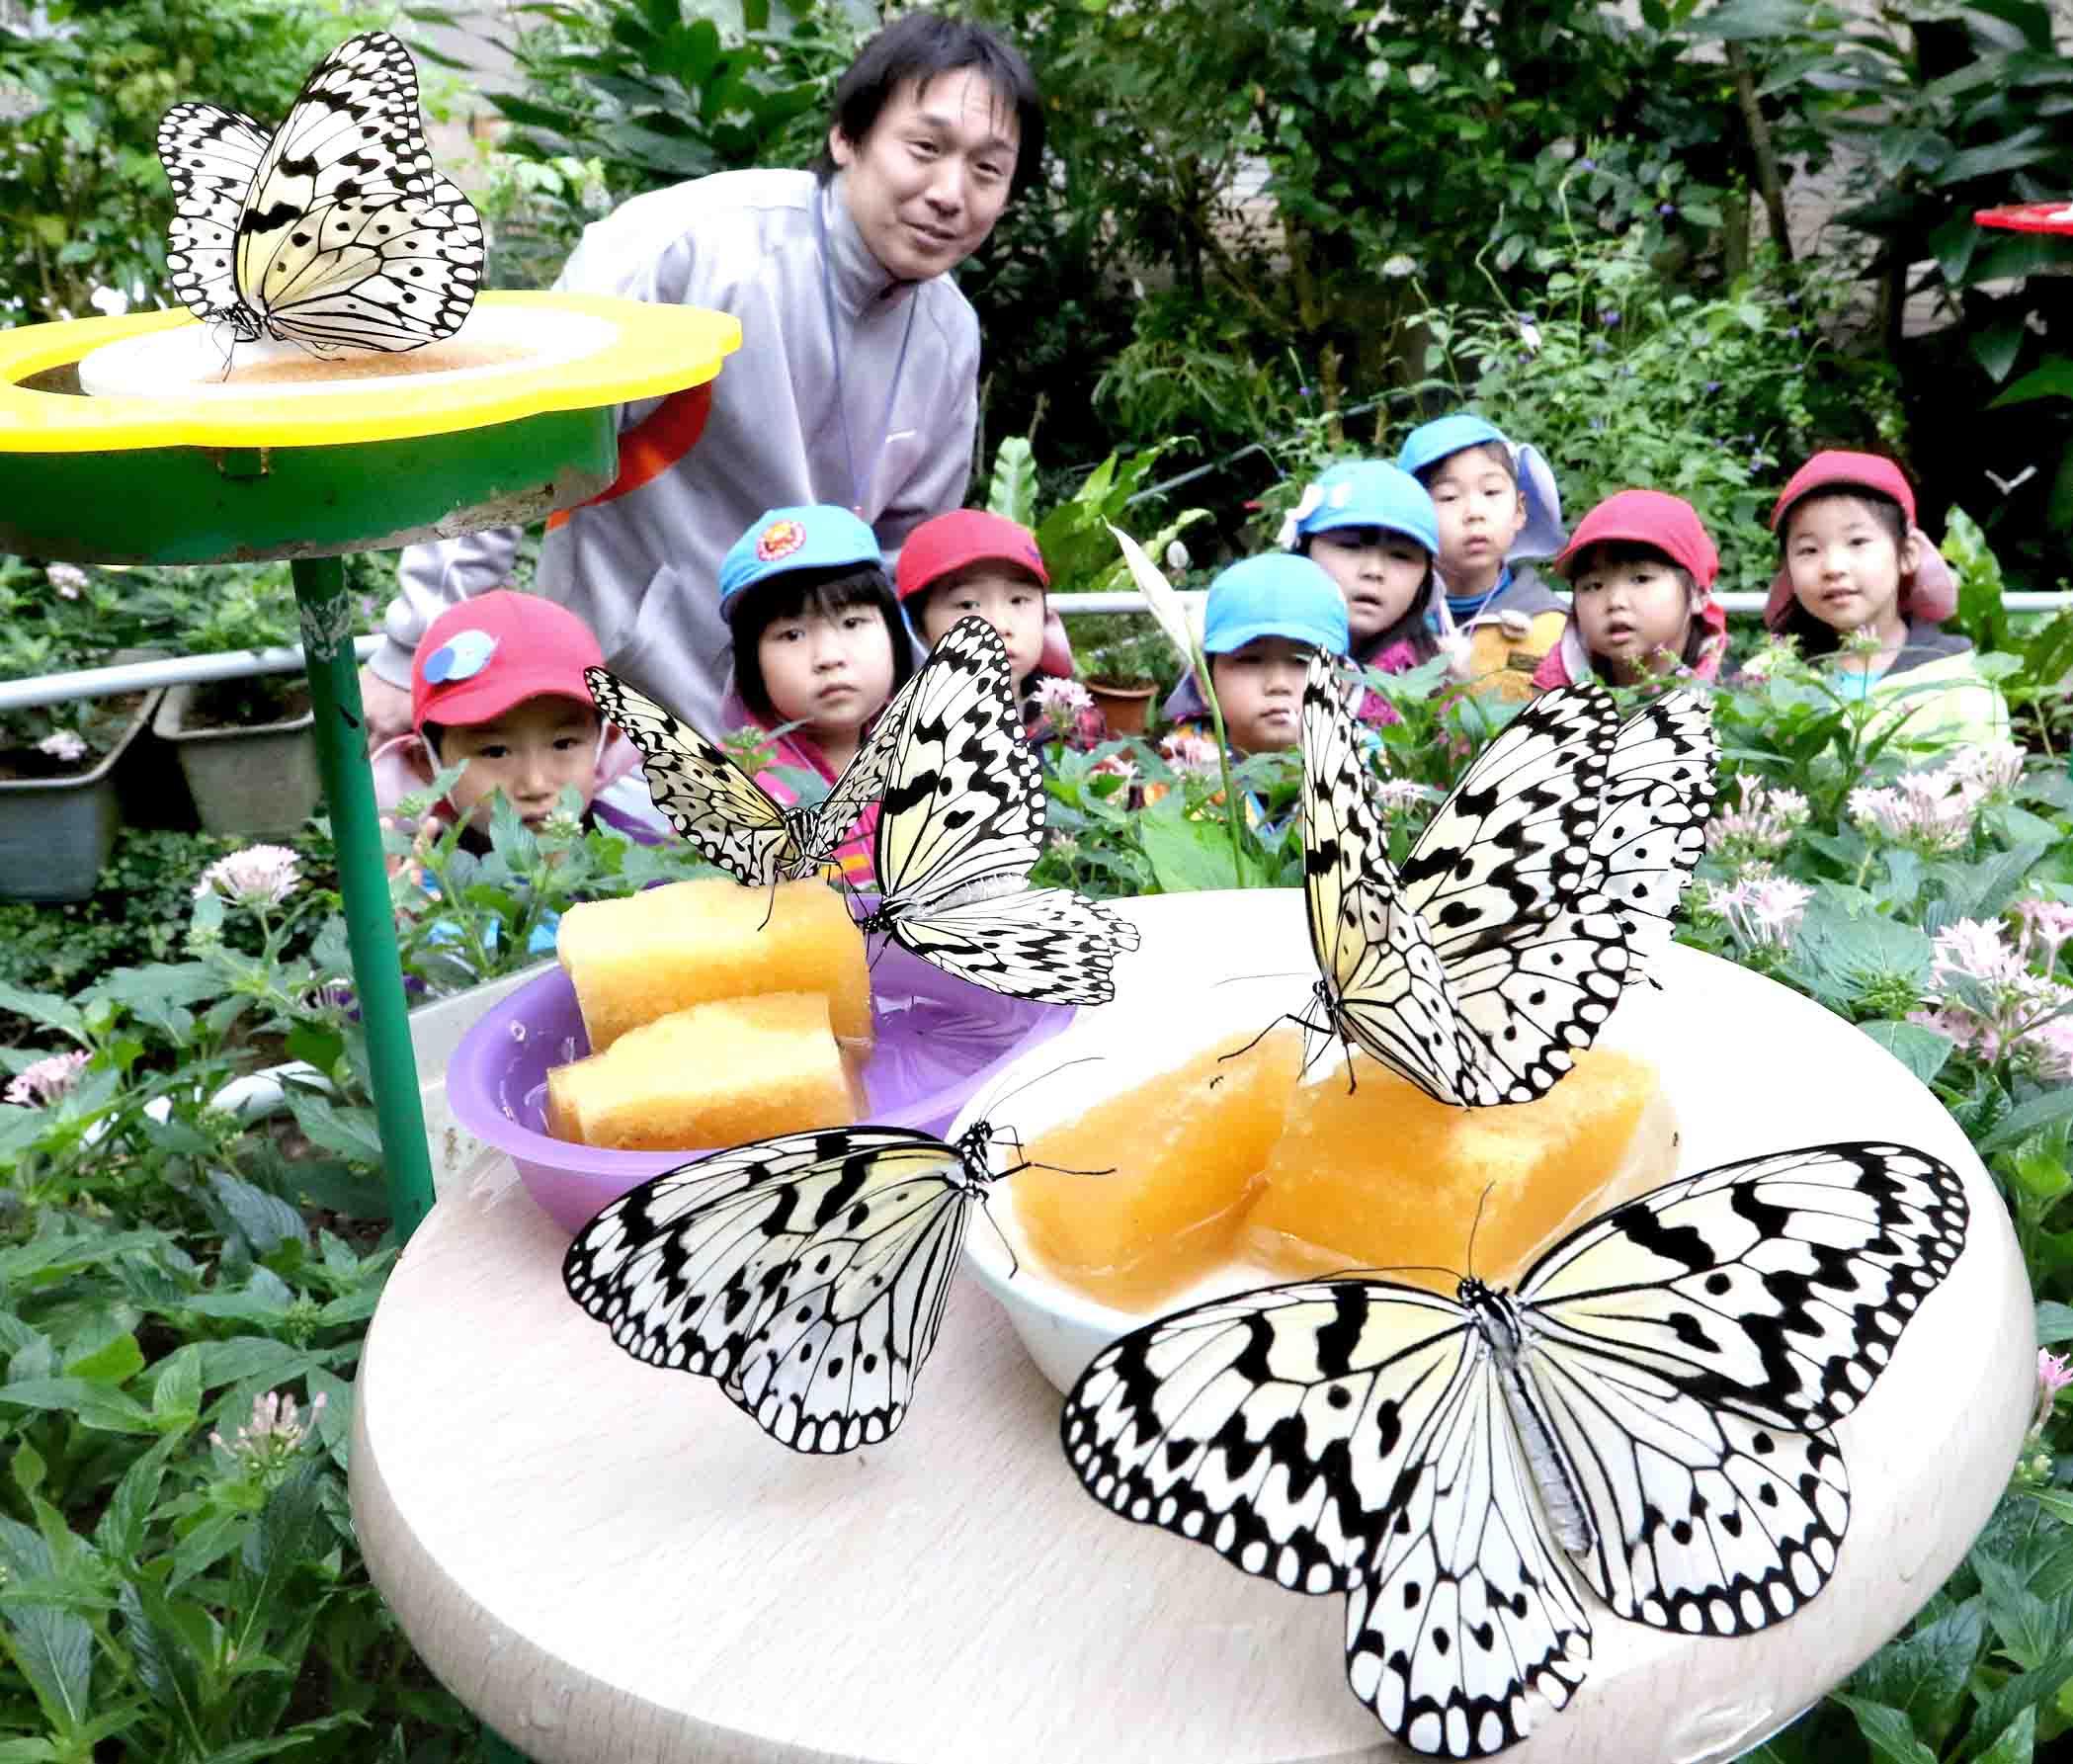 蜜を吸うオオゴマダラ=白山市の石川県ふれあい昆虫館